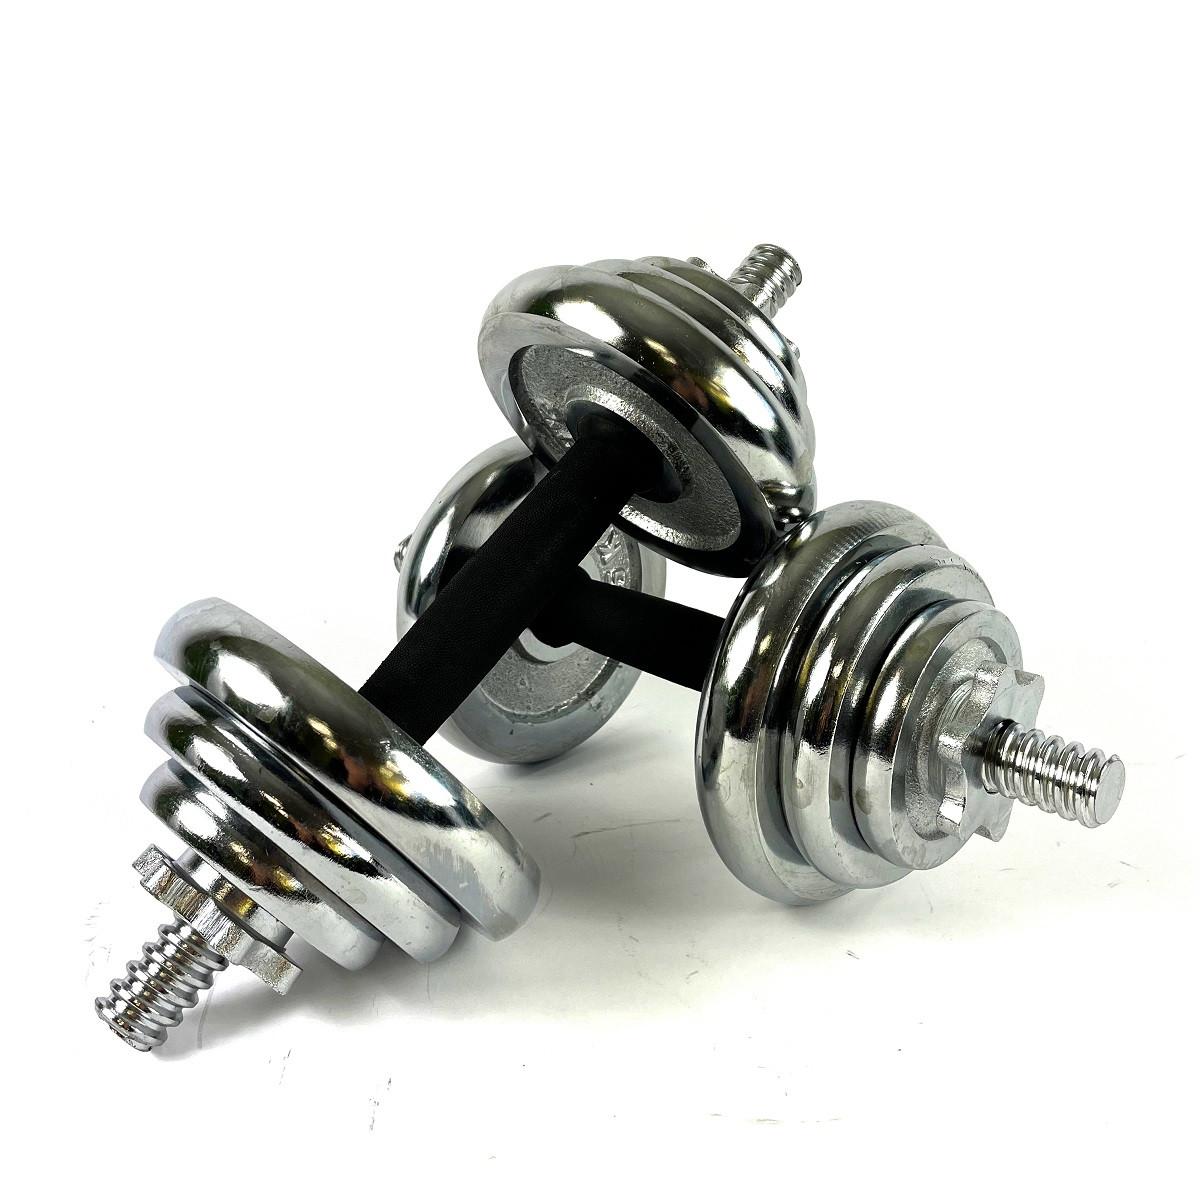 Розбірні гантелі 20 кг металеві хромовані зі змінними дисками комплект в боксі (2 по 10кг)